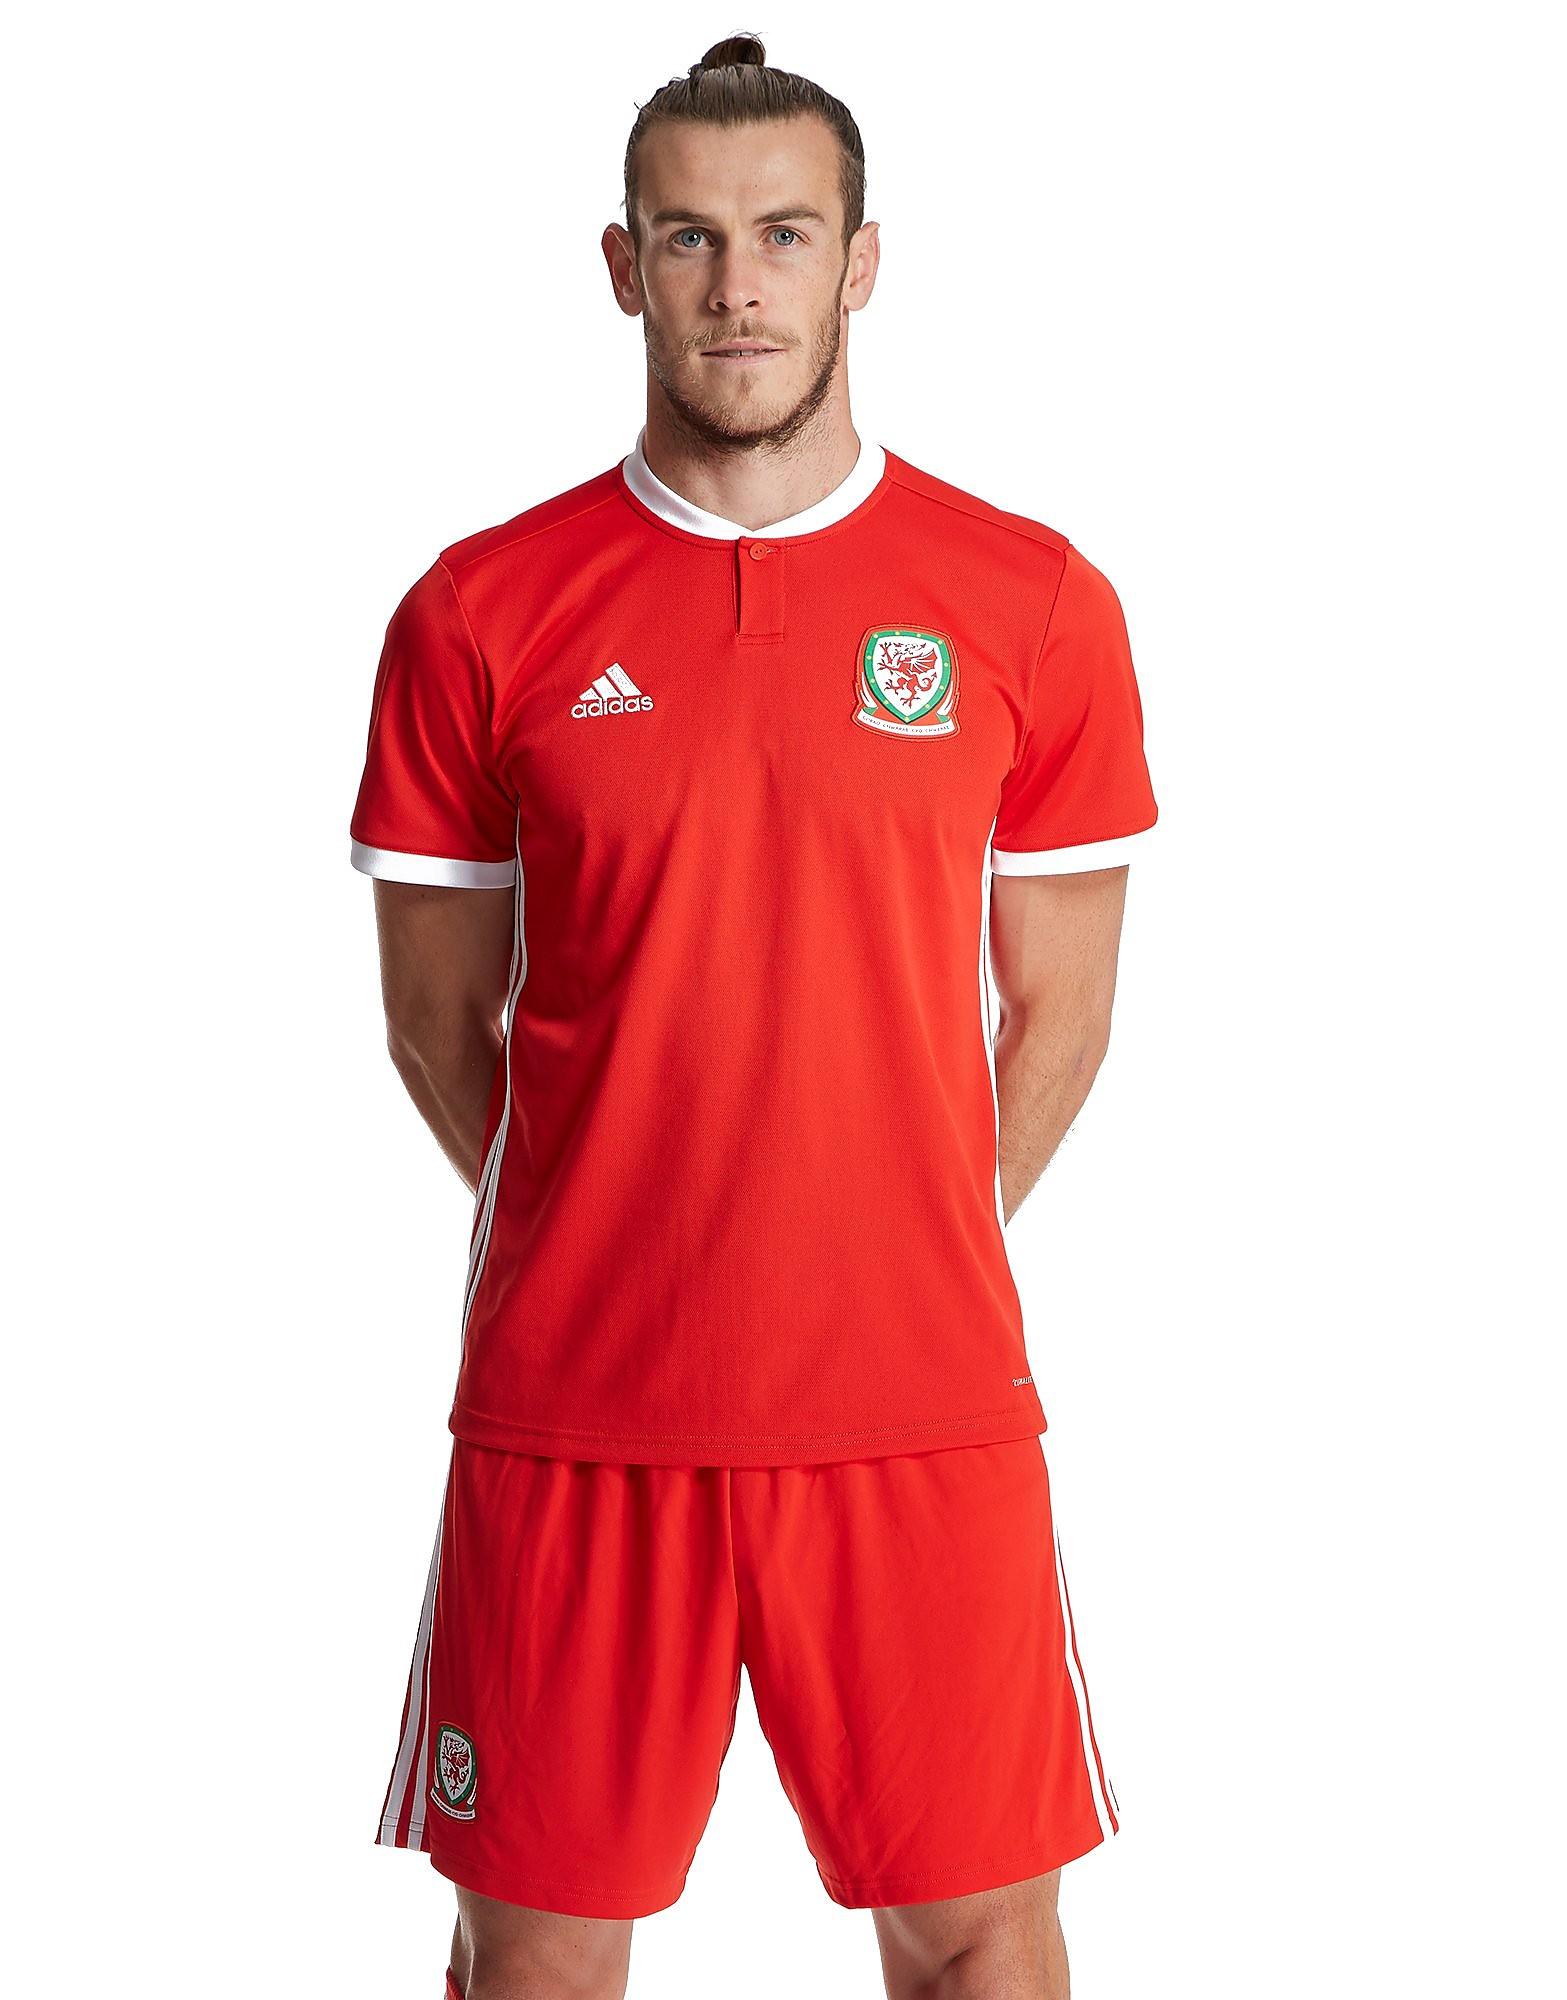 adidas camiseta Gales 2017/18 1.ª equipación